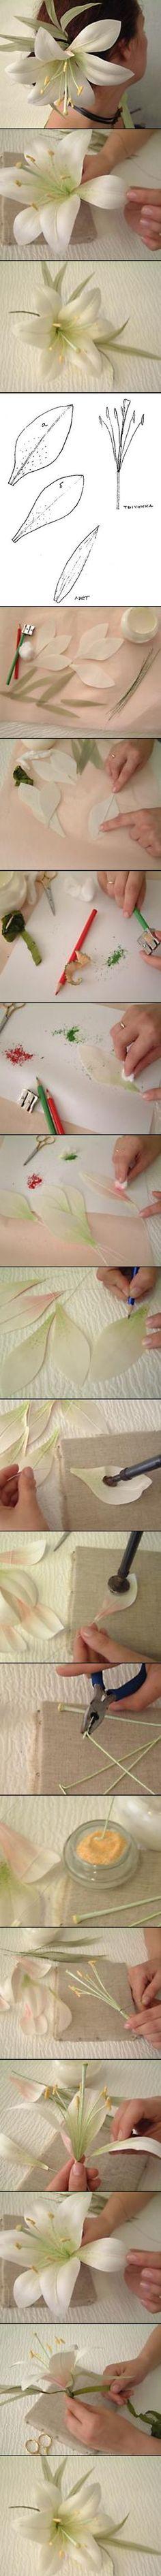 Lilie Turtorial ... Ausstecher in meinem Shop http://www.lebensmitteldruck.com/fmm-Exotic-Lily-/-exotische-Lilie-Ausstecher-Set-5-teilig-mit-Blattpraeger-